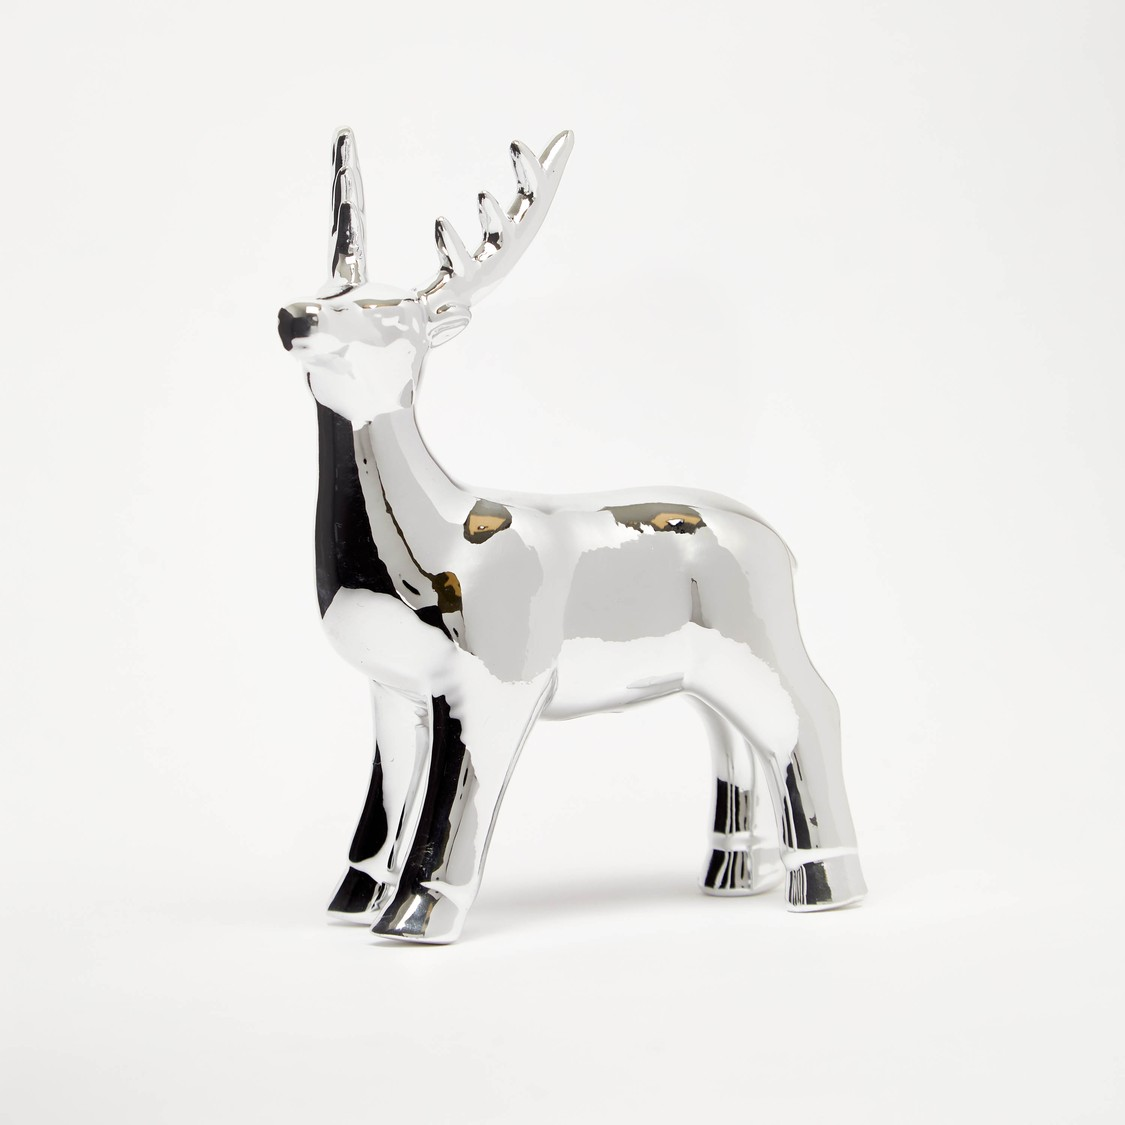 تمثال ديكور بتصميم حيوان الرنة